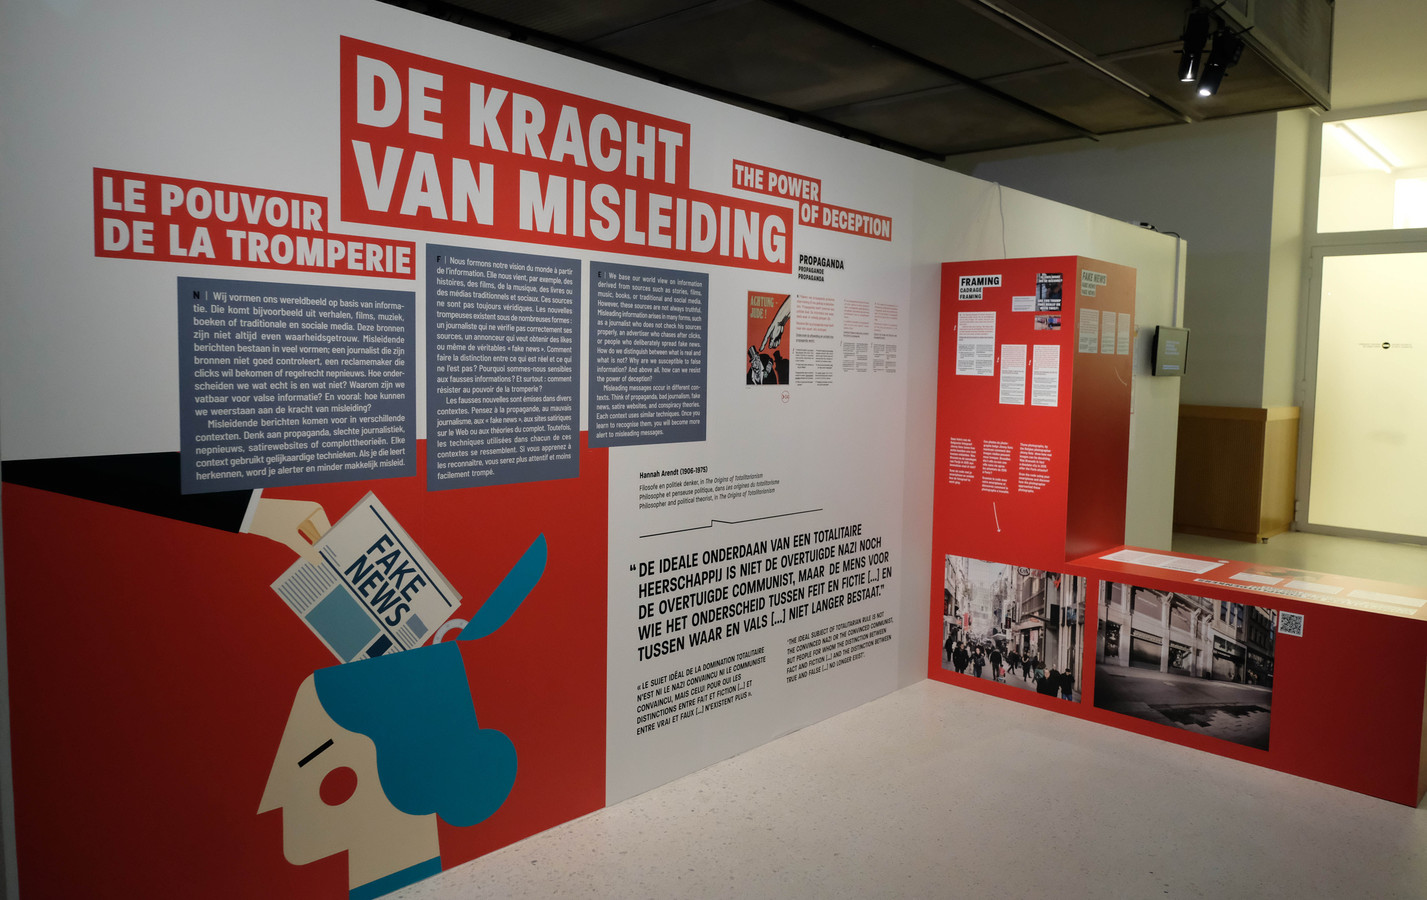 Tussen het historische materiaal vier interactieve opstellingen met actuele voorbeelden, die bezoekers moeten leren de mechanismen van stereotypen, vooroordelen, racisme, misleiding en humor te herkennen en doorprikken.